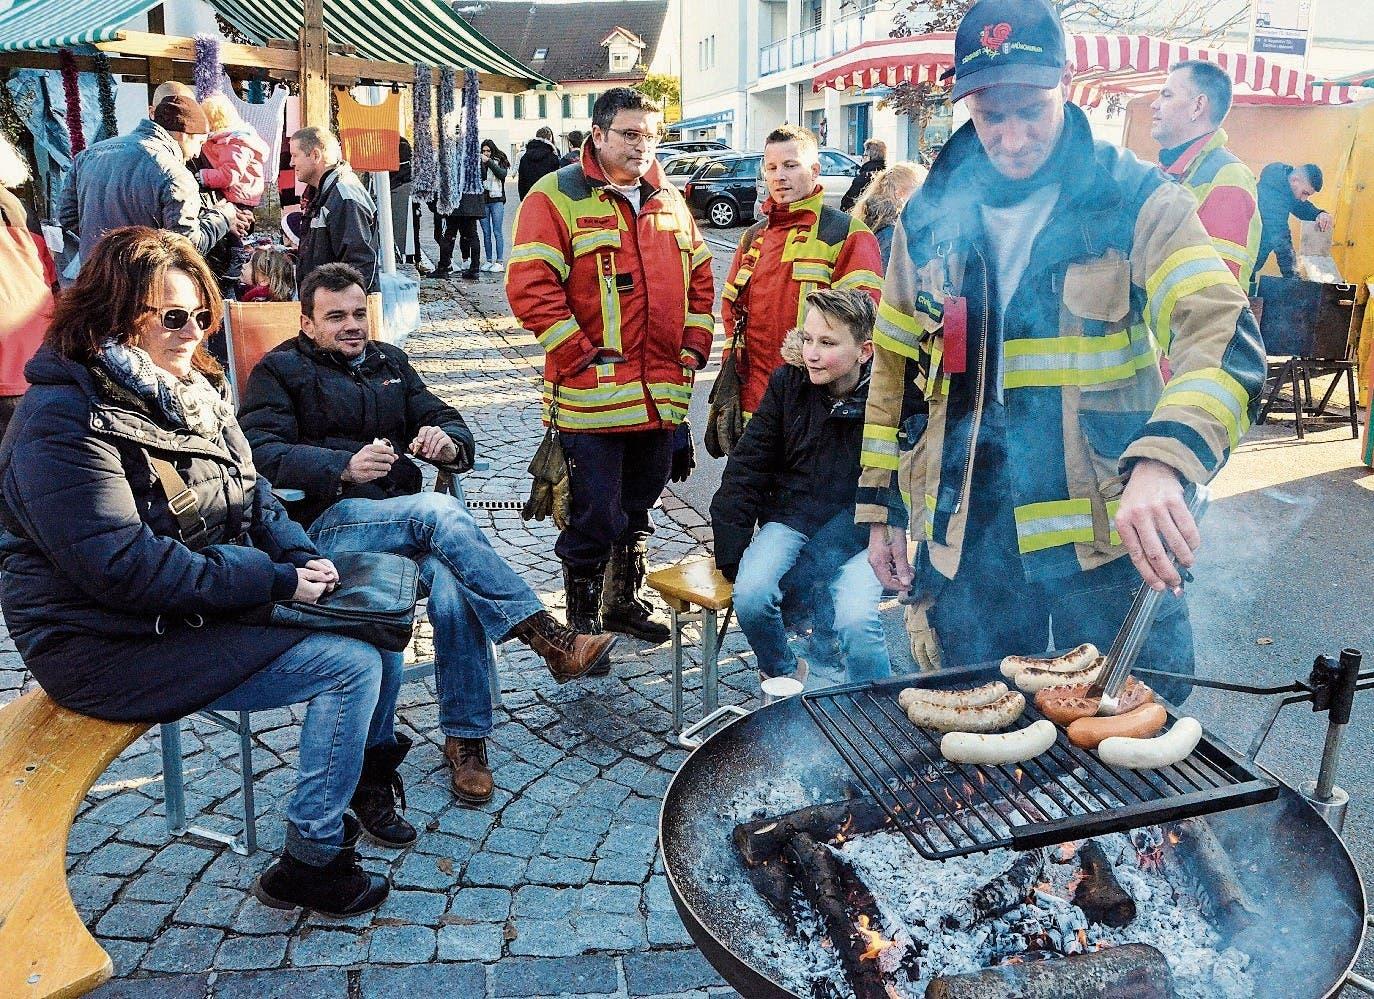 Bei rund zwölf Grad Celsius wurde es rund um den offenen Grill der Feuerwehr Münchwilen richtig warm. (Bild: Bilder: Christoph Heer)